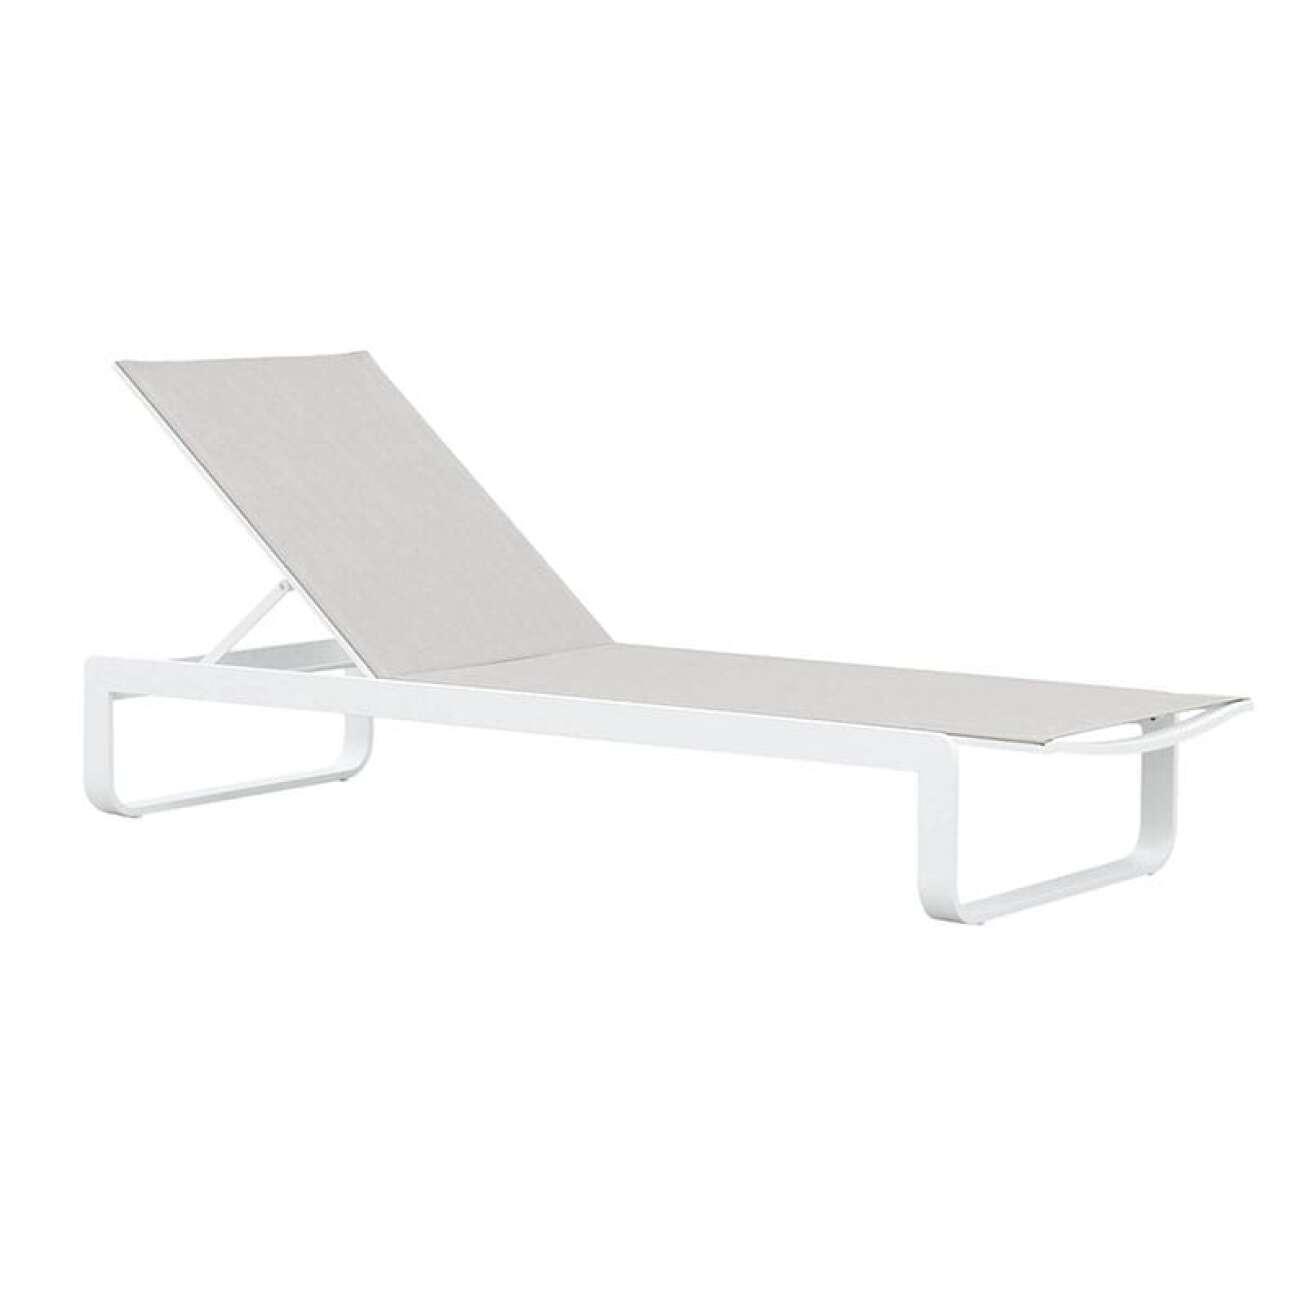 Gardenart Solseng I Hvit Aluminium Og Textilene (100530hvit) Hagemøbler og utemøbler - Fine design